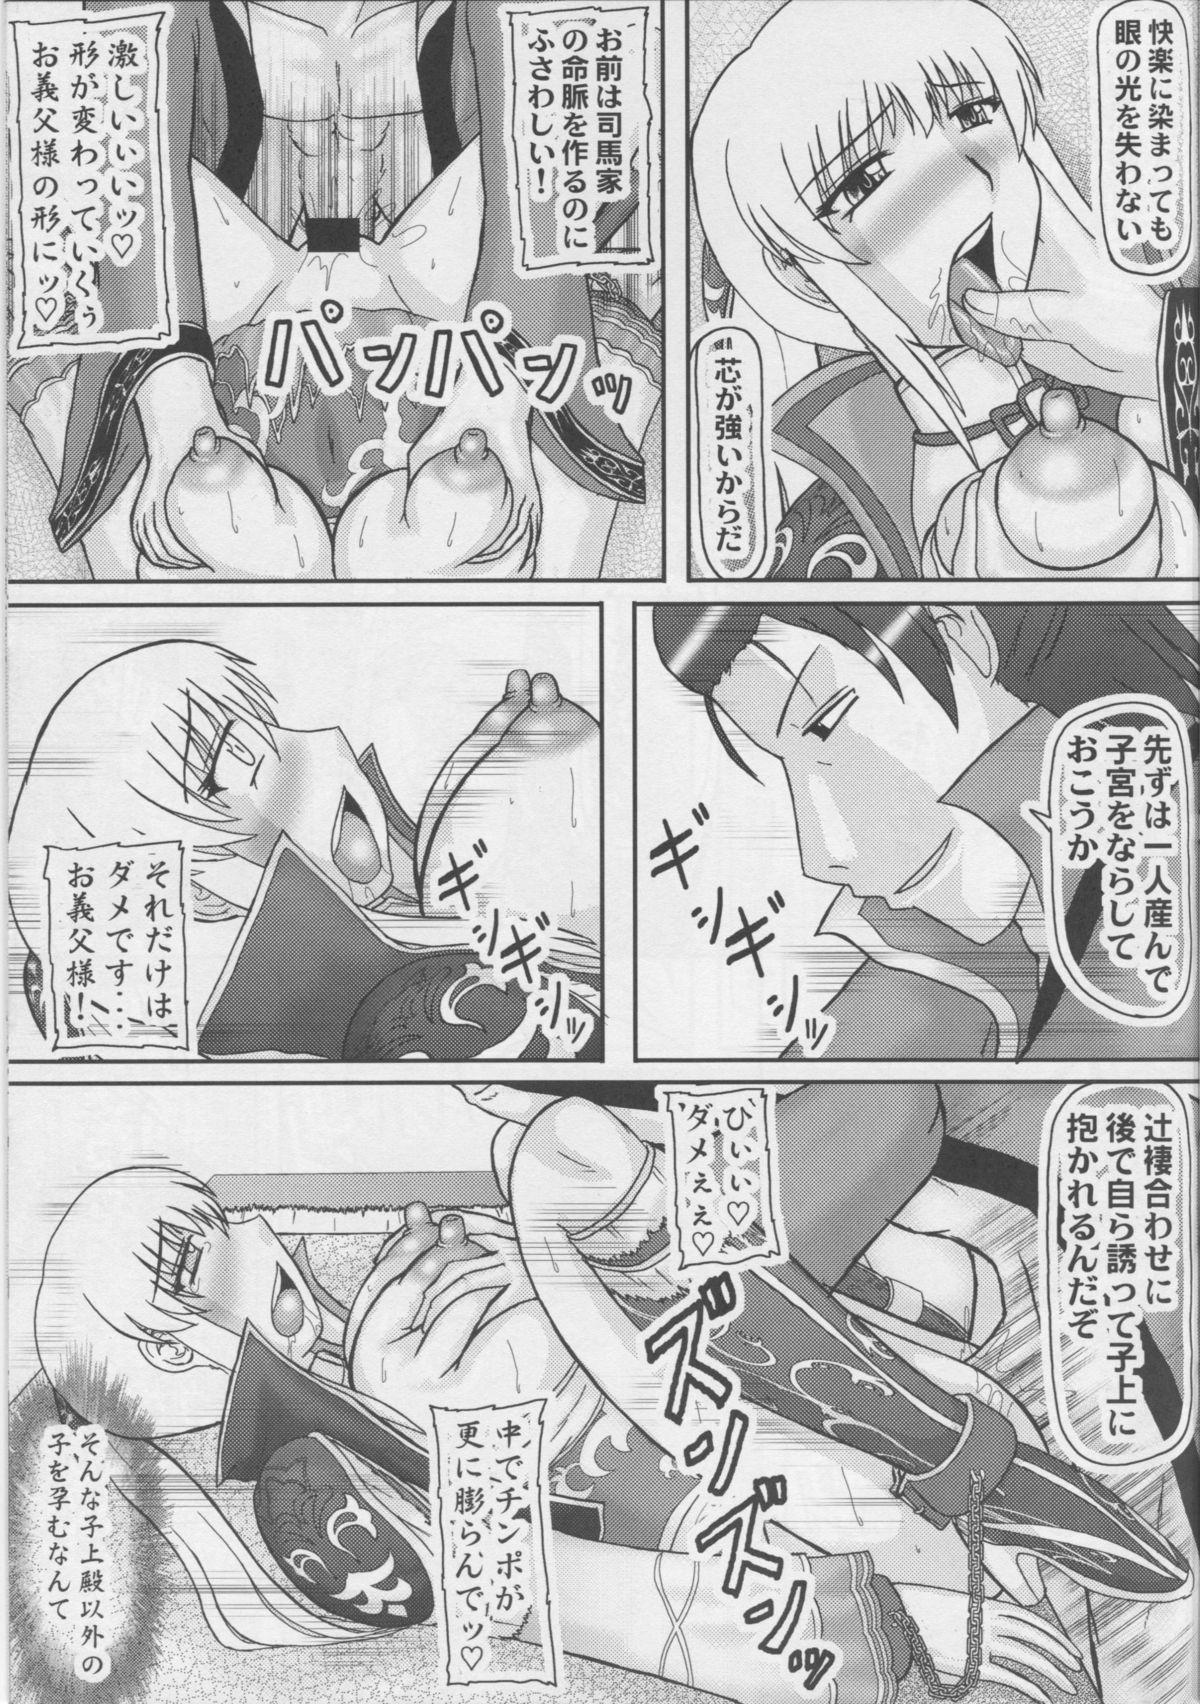 Koutei wo Umu Onna 13